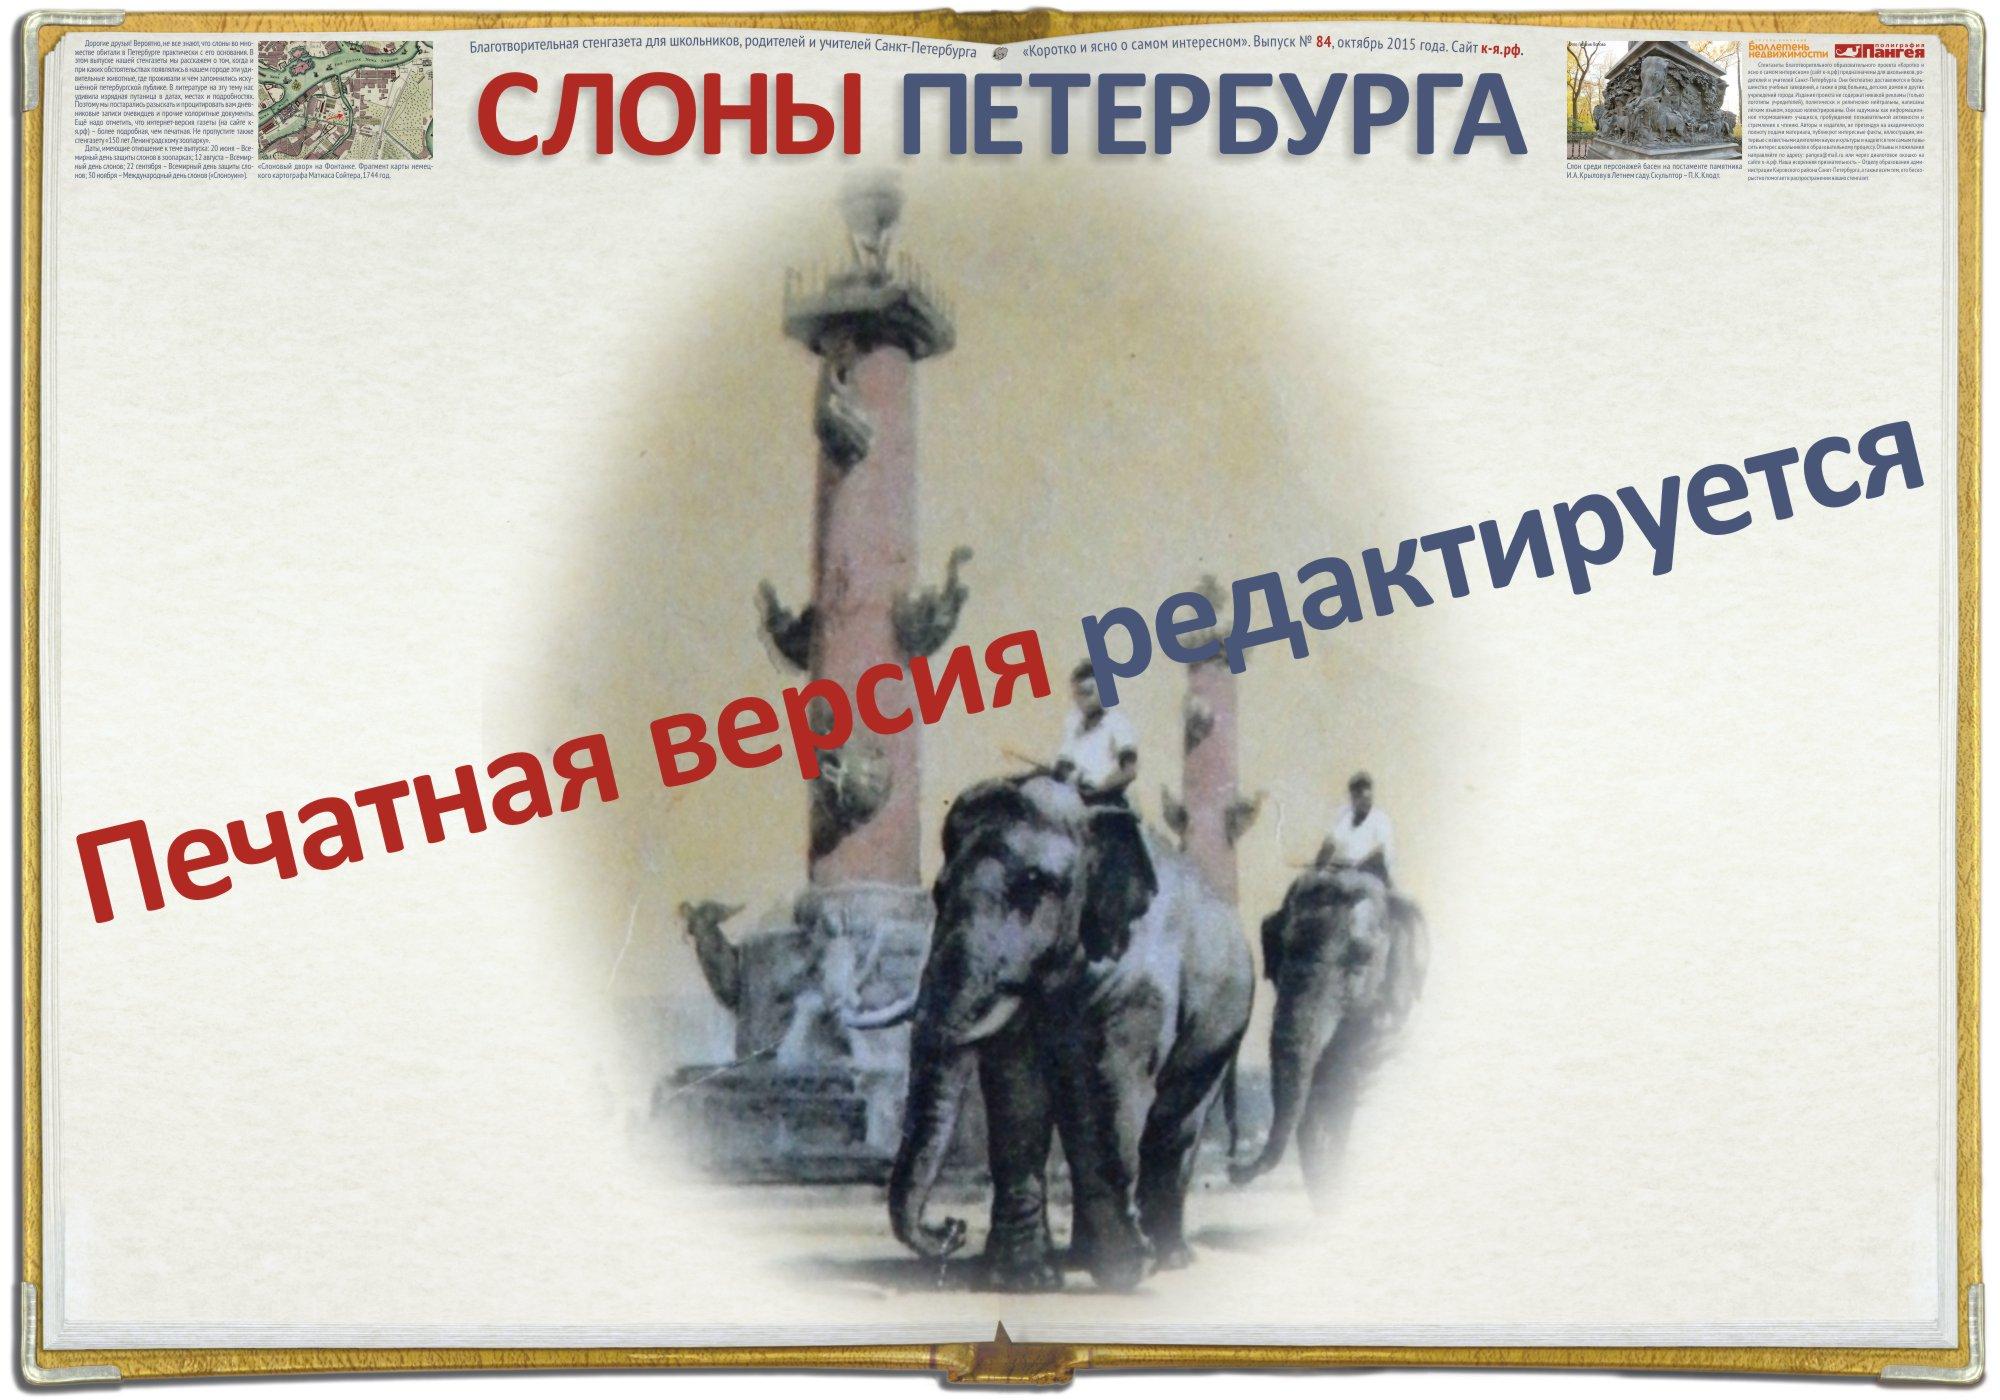 Стенгазета «Слоны Петербурга»